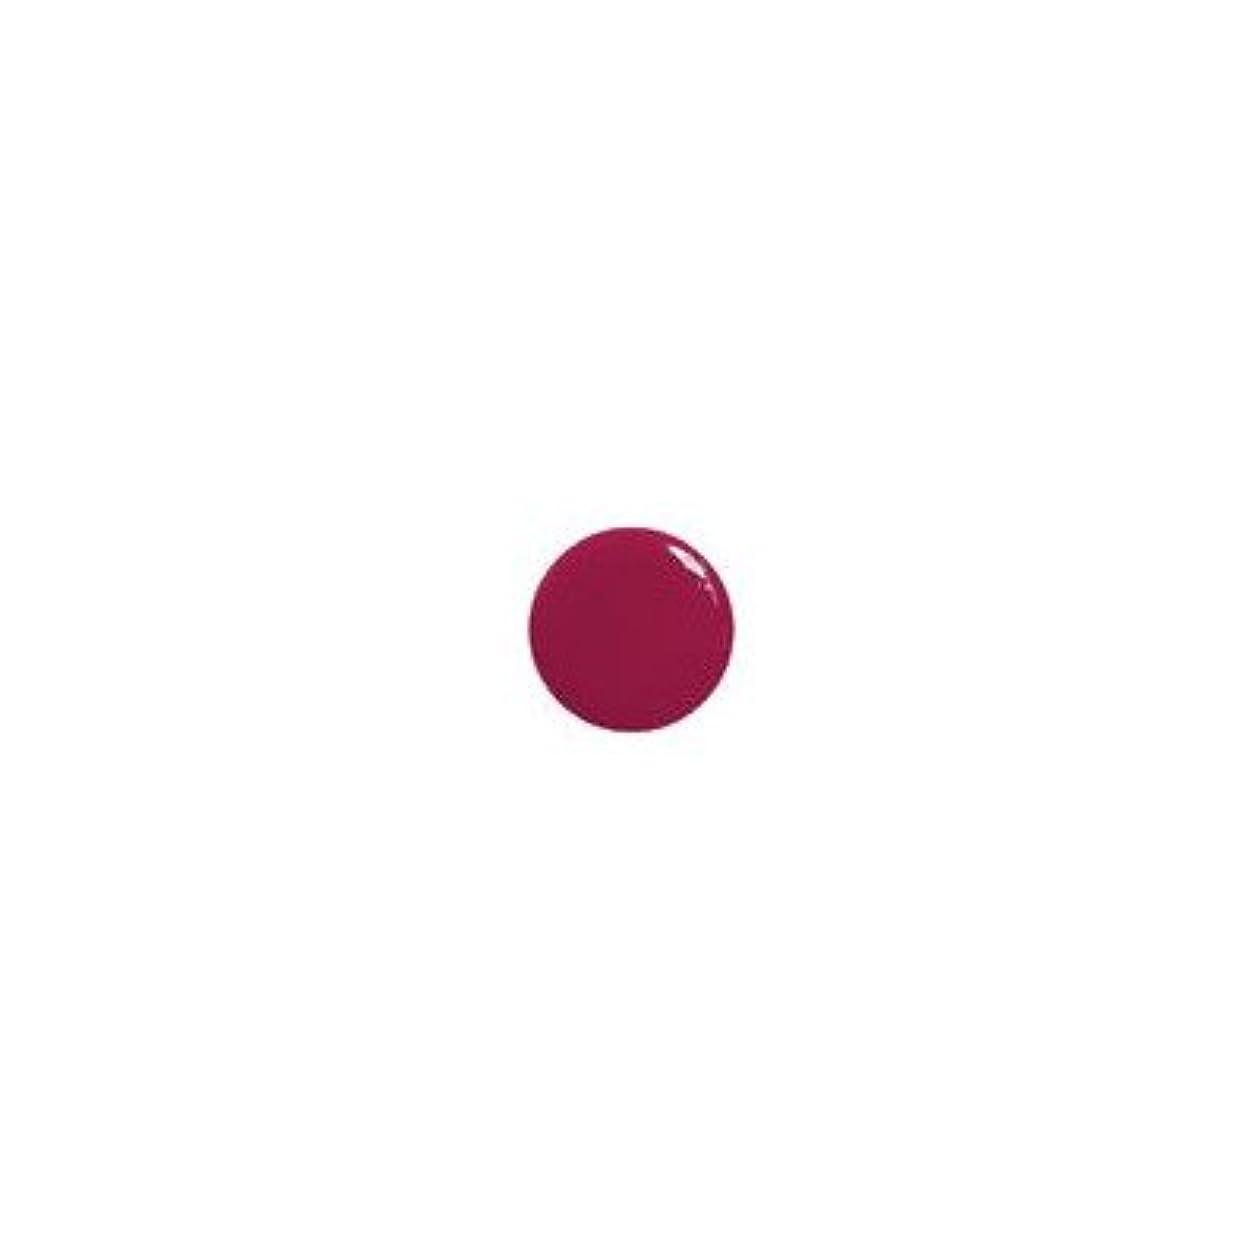 論文抵抗する慣れるジェレレーション カラー485Cブラシングプリンセス